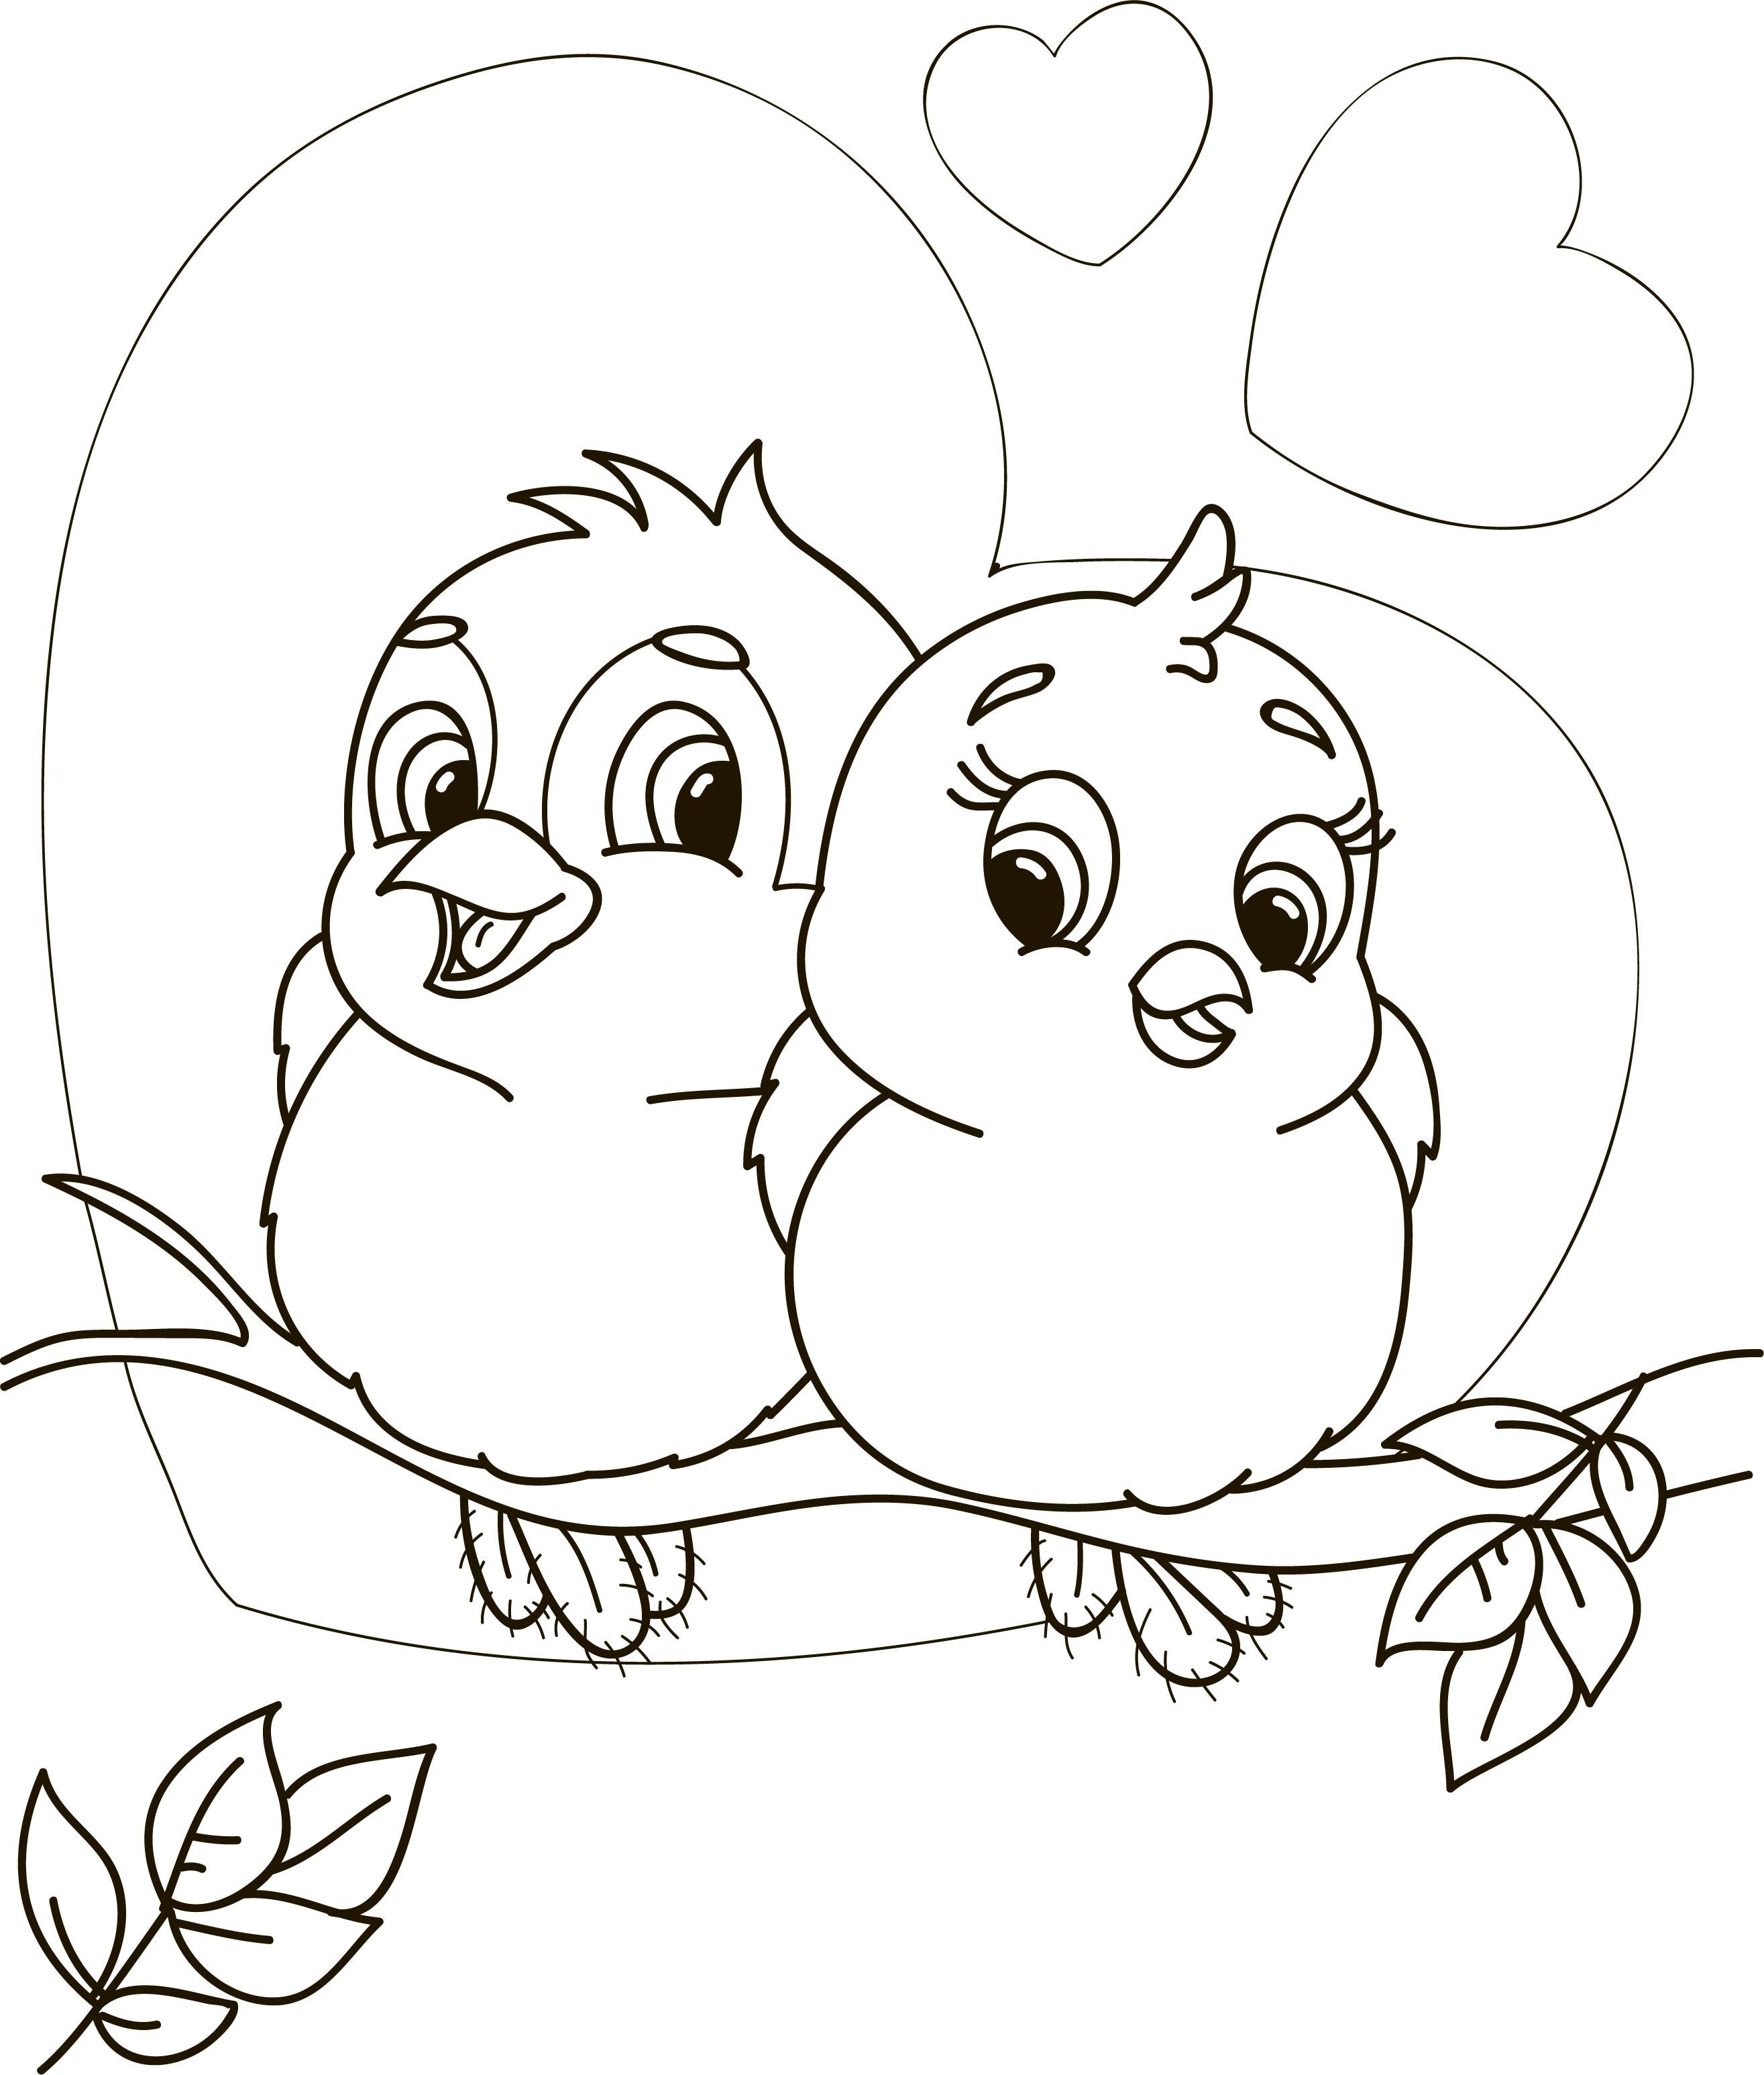 San valentino disegni da colorare per bambini for Cip e ciop immagini da colorare